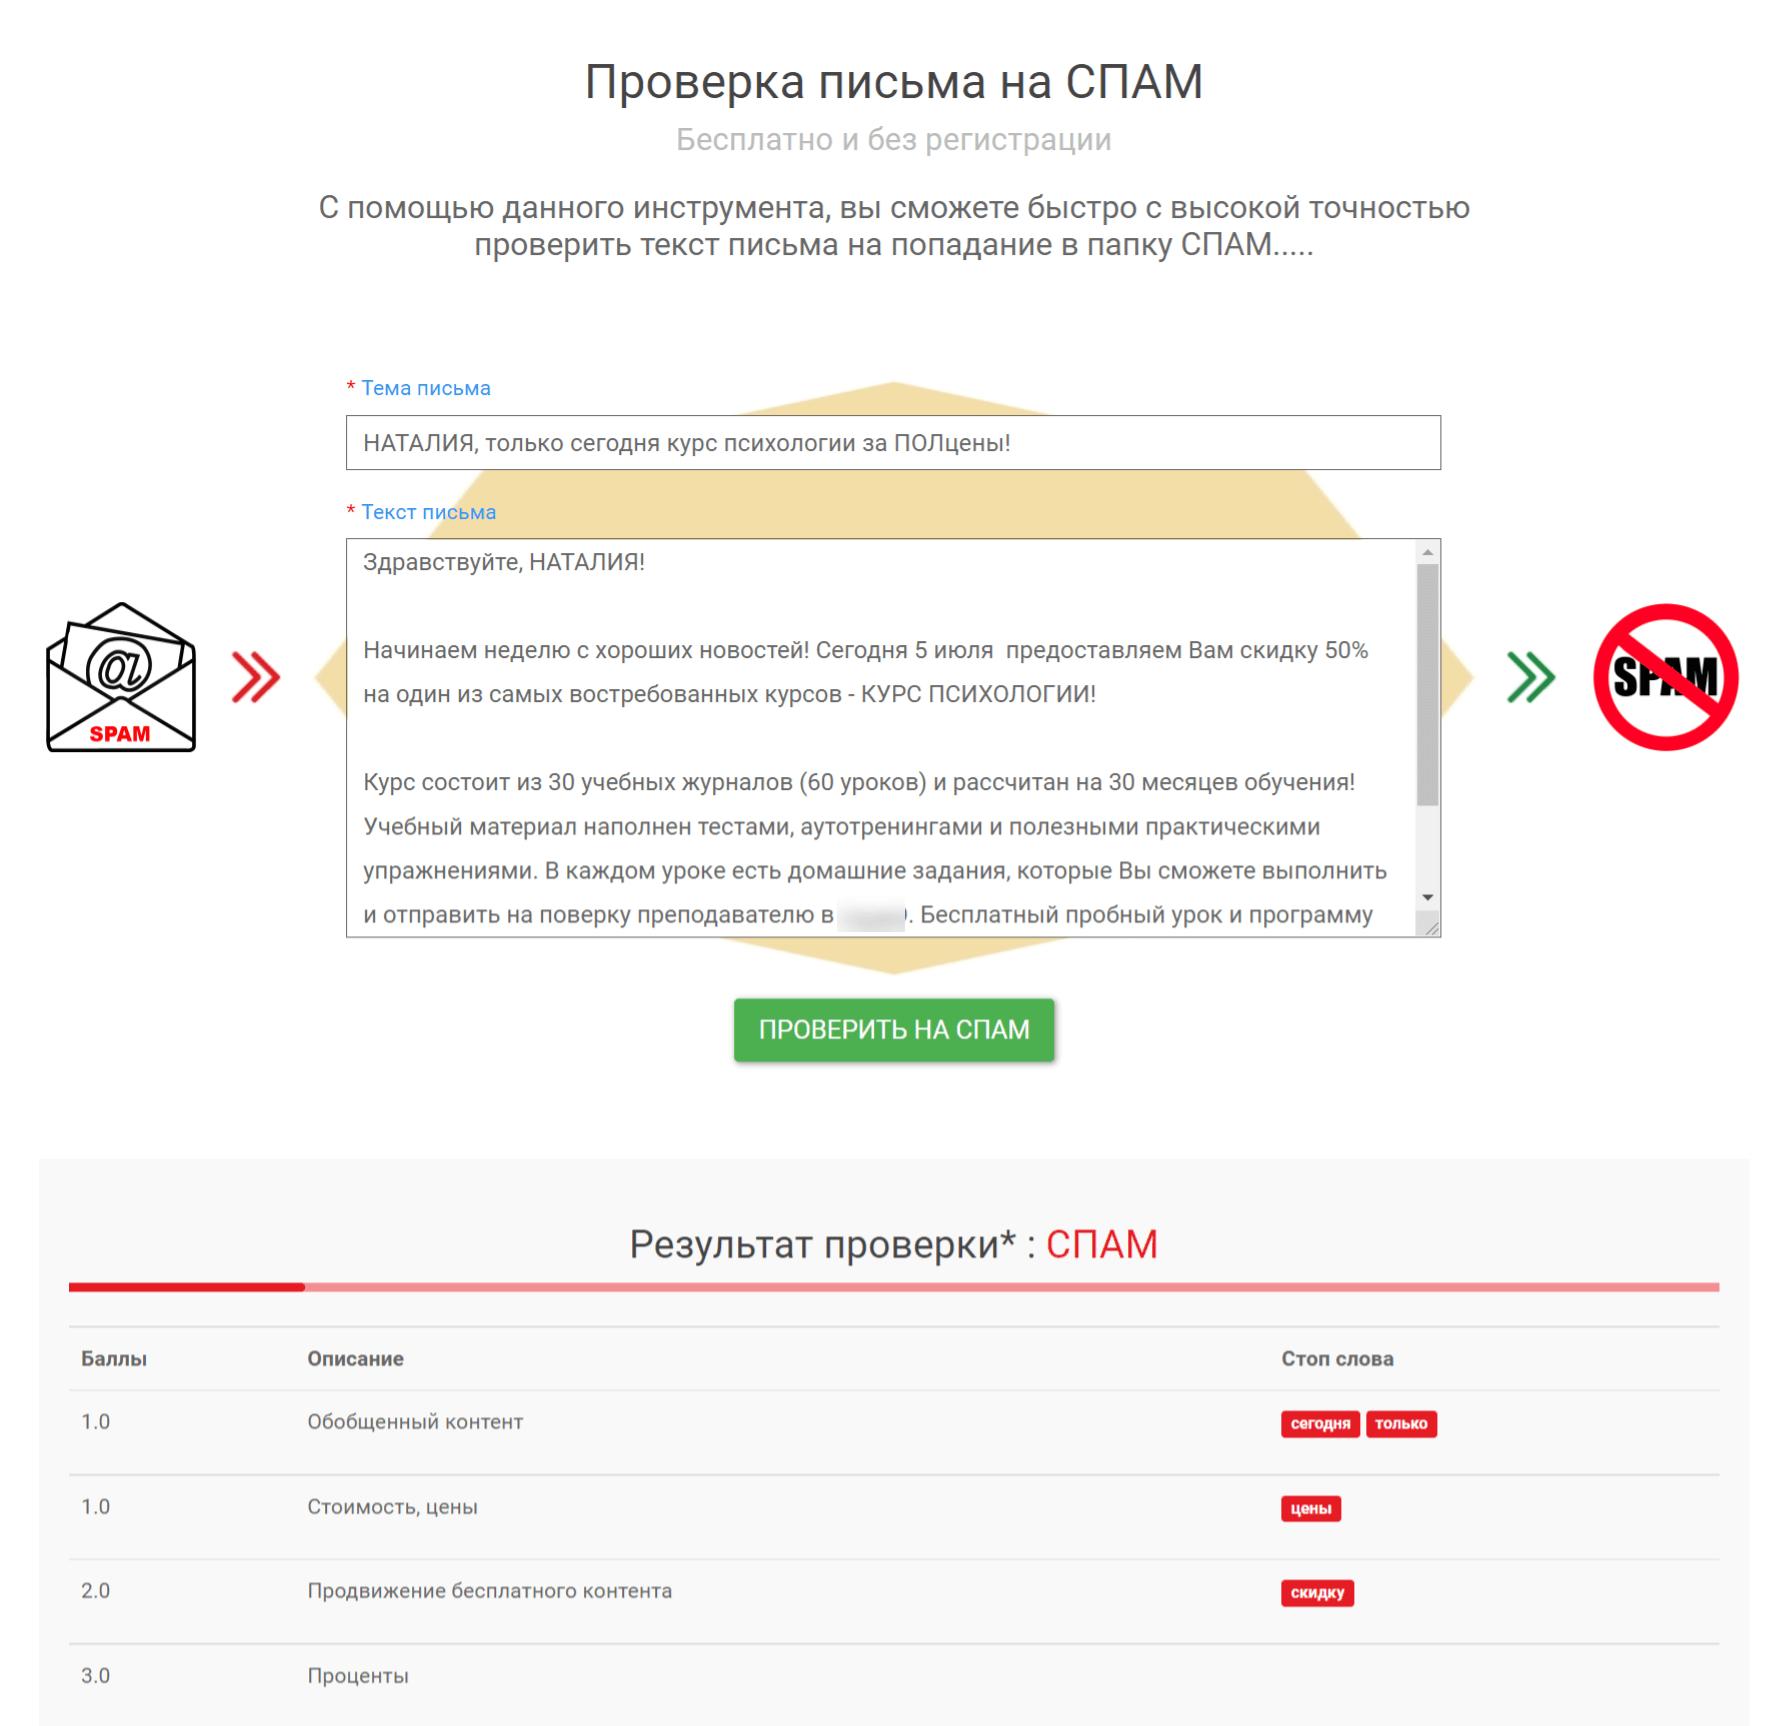 Пример отчёта о проверке на спам